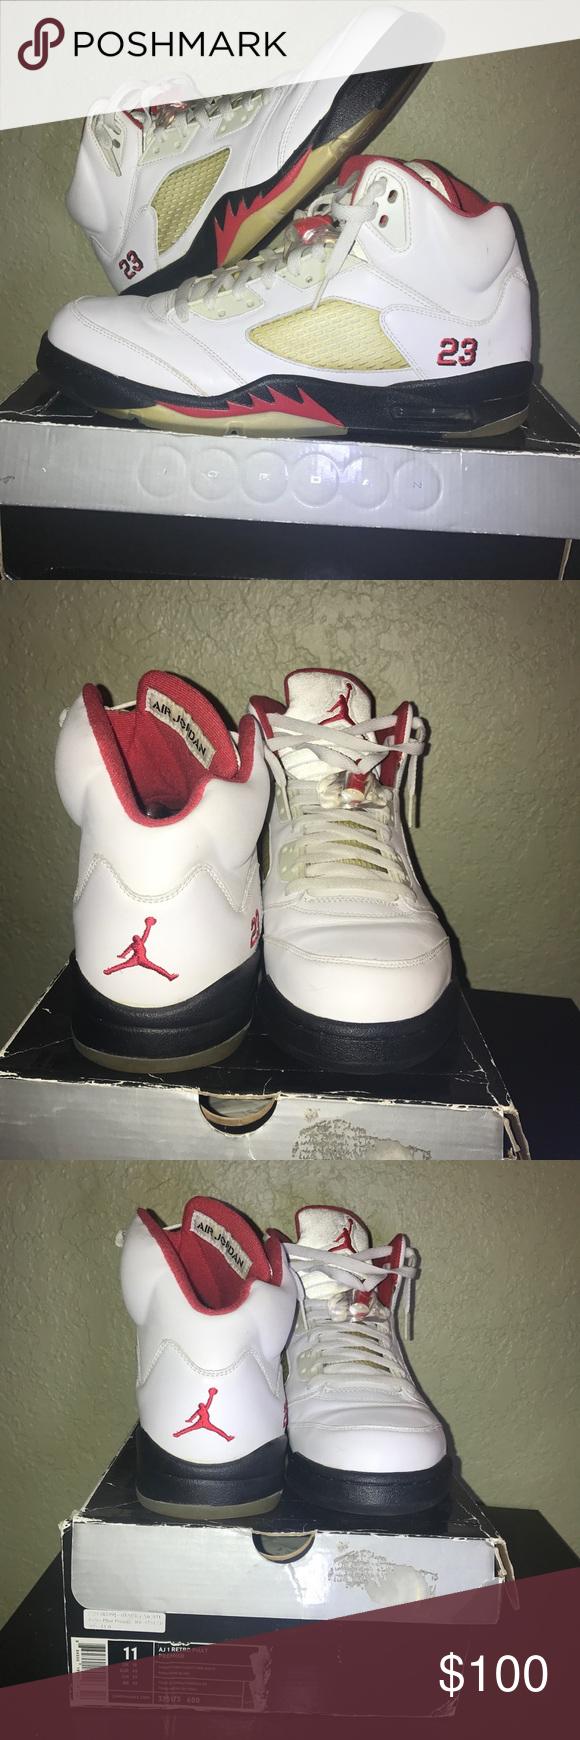 OG retros fire Red 5s | Red fire, Jordans for men